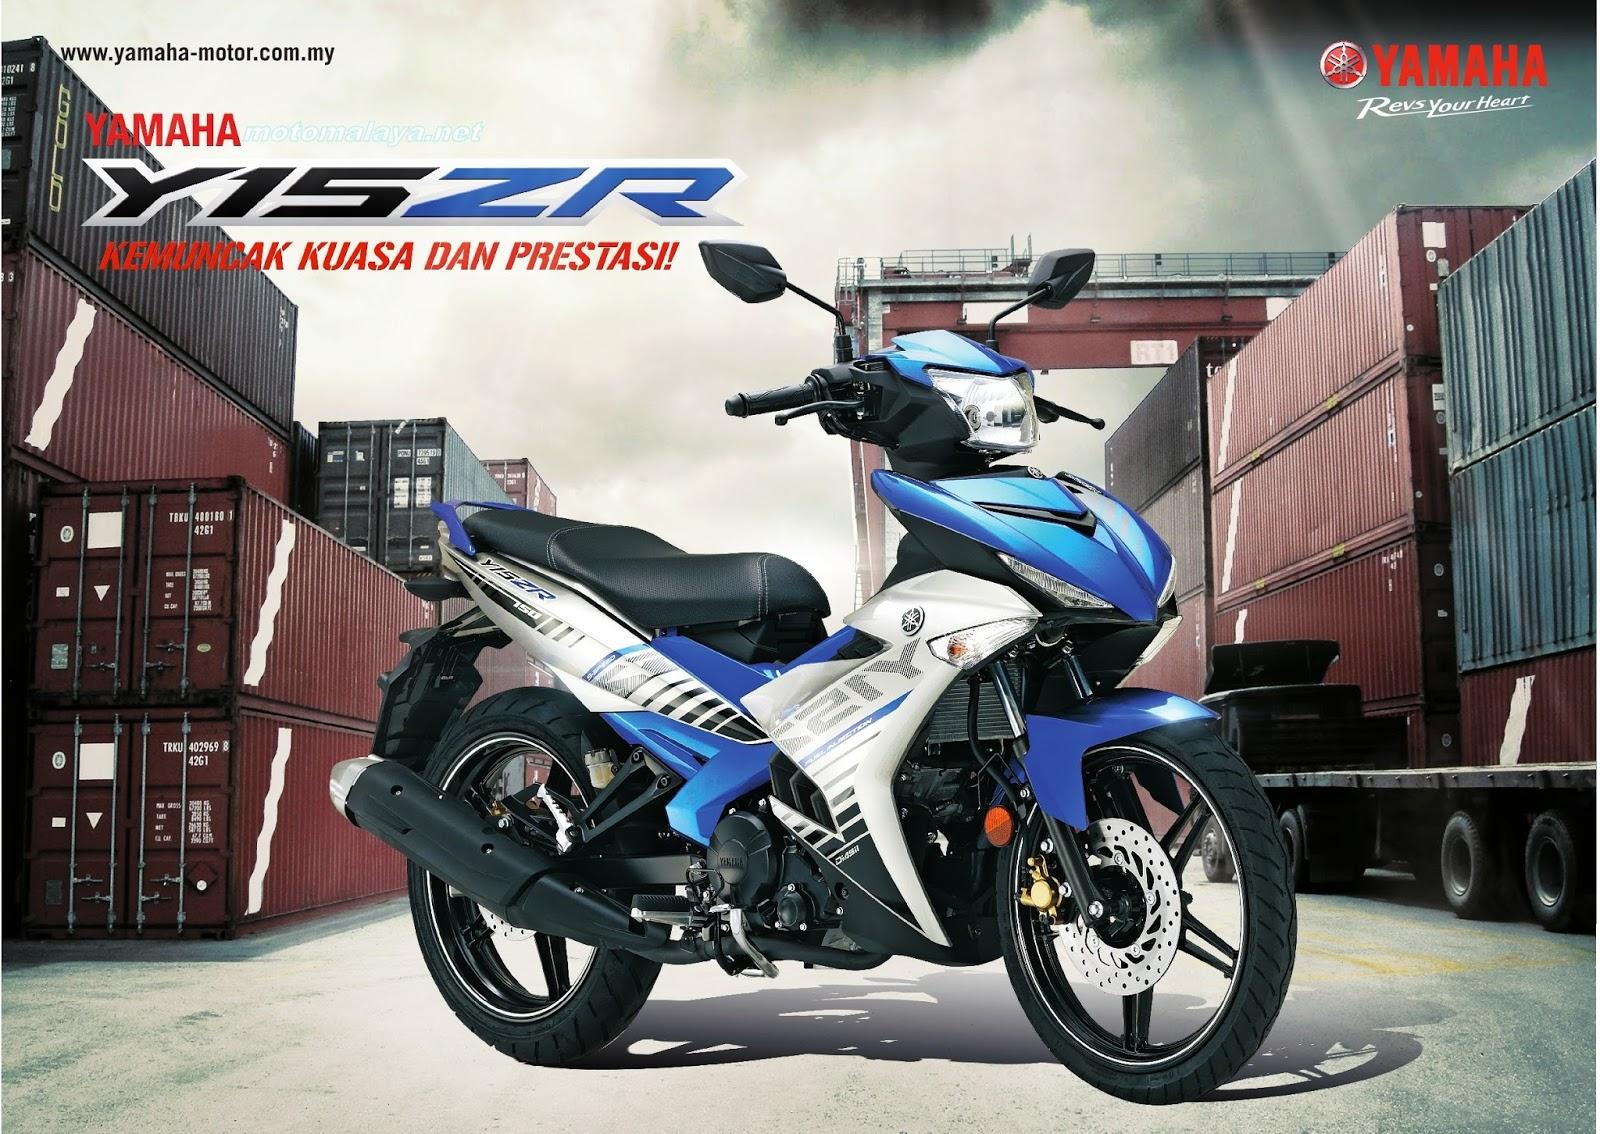 Yamaha 135LC standard tapi laju (Sprocket ratio) - Cetusan Ideaz